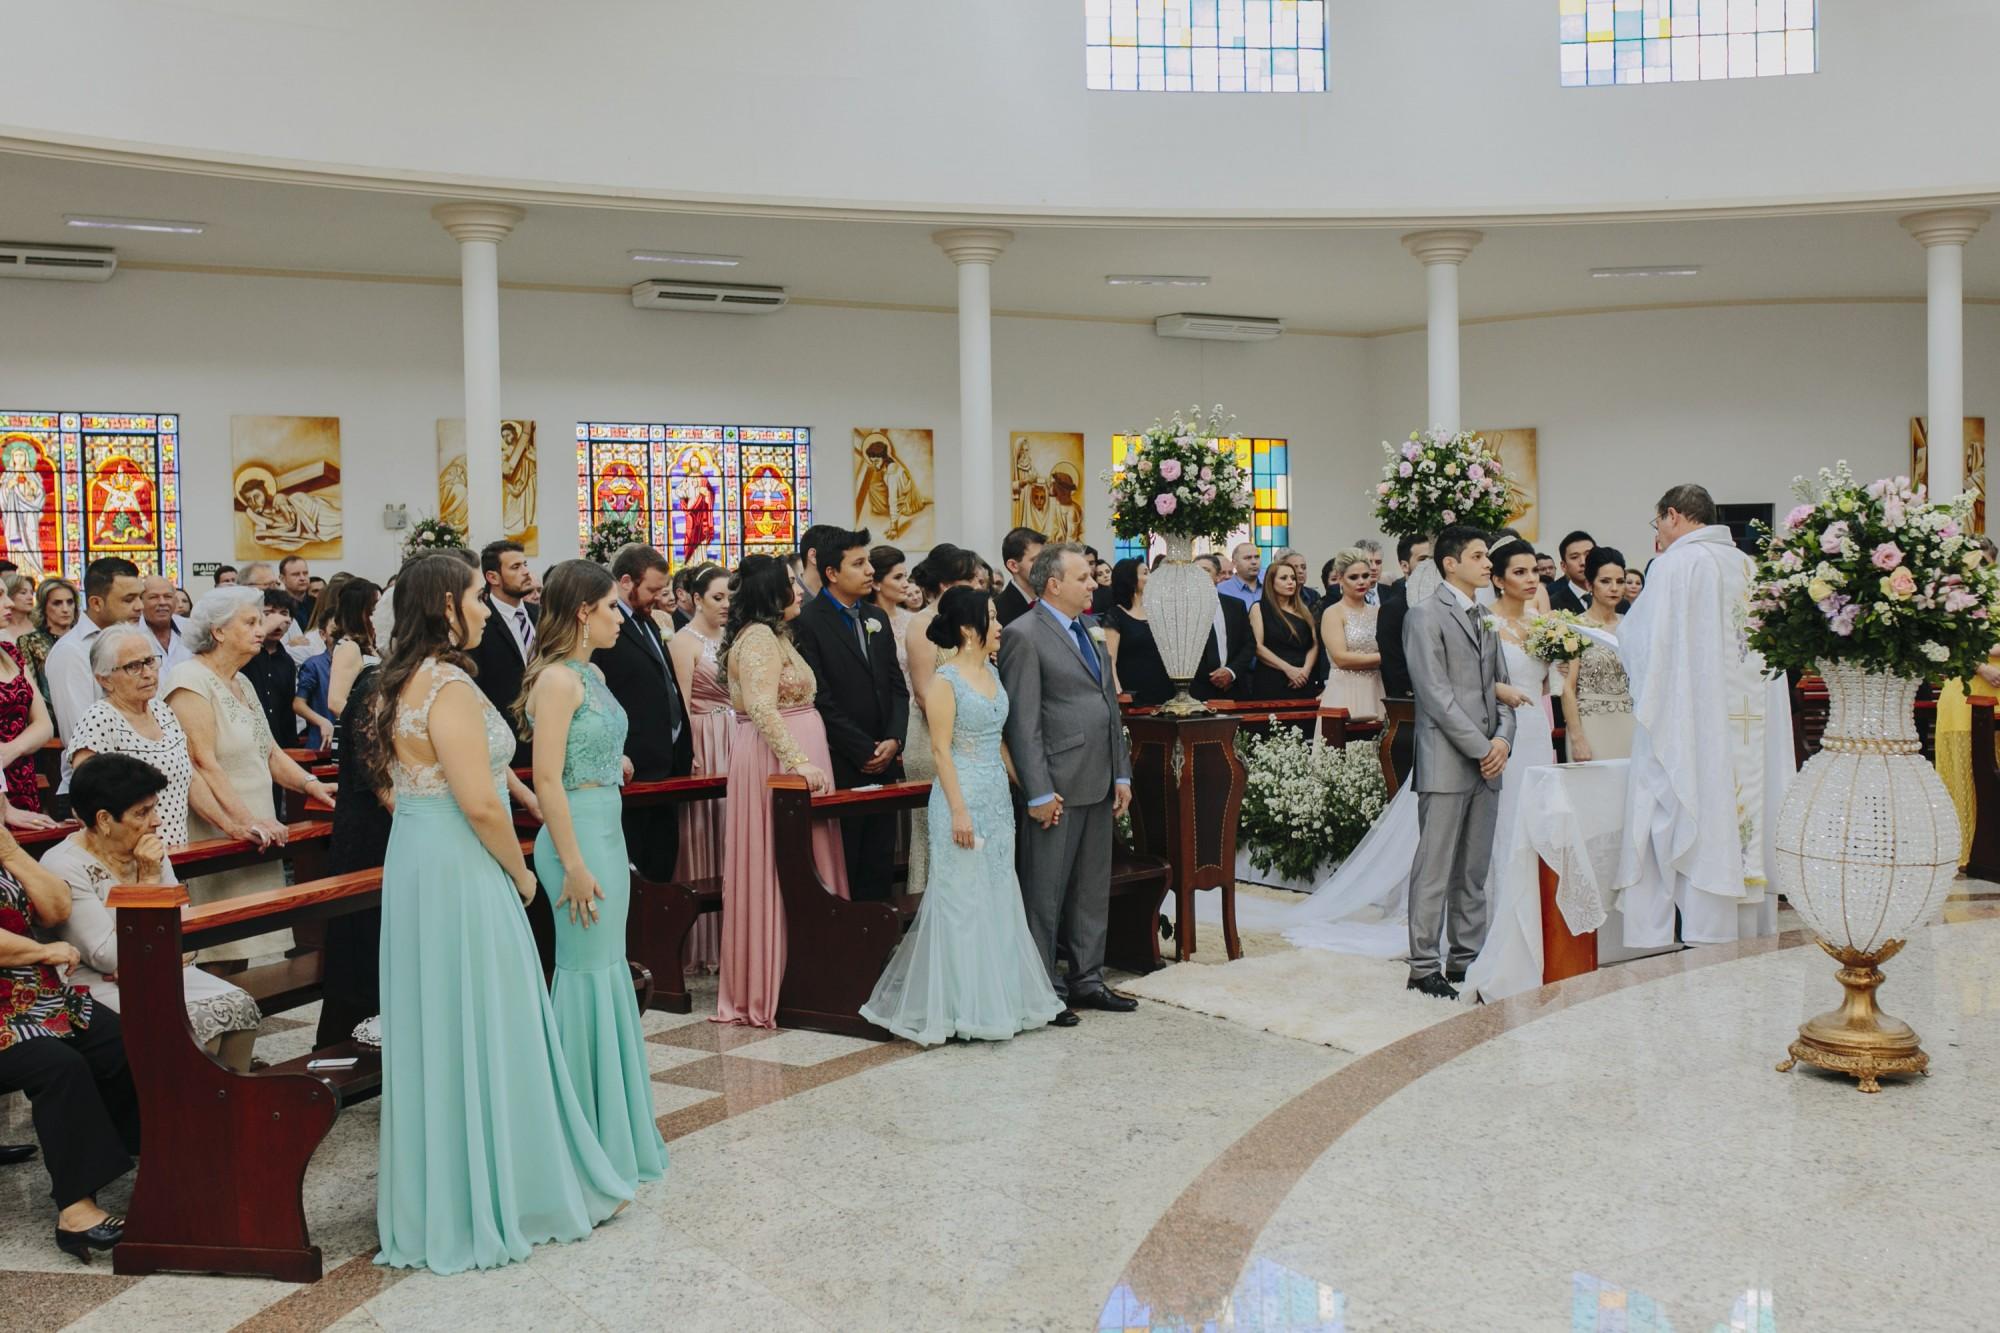 Casamento Camila Rampim e Rafael em Terra Roxa - Paraná - por Lorran Souza e Léia Sotile - fotografos de casamentos - 27